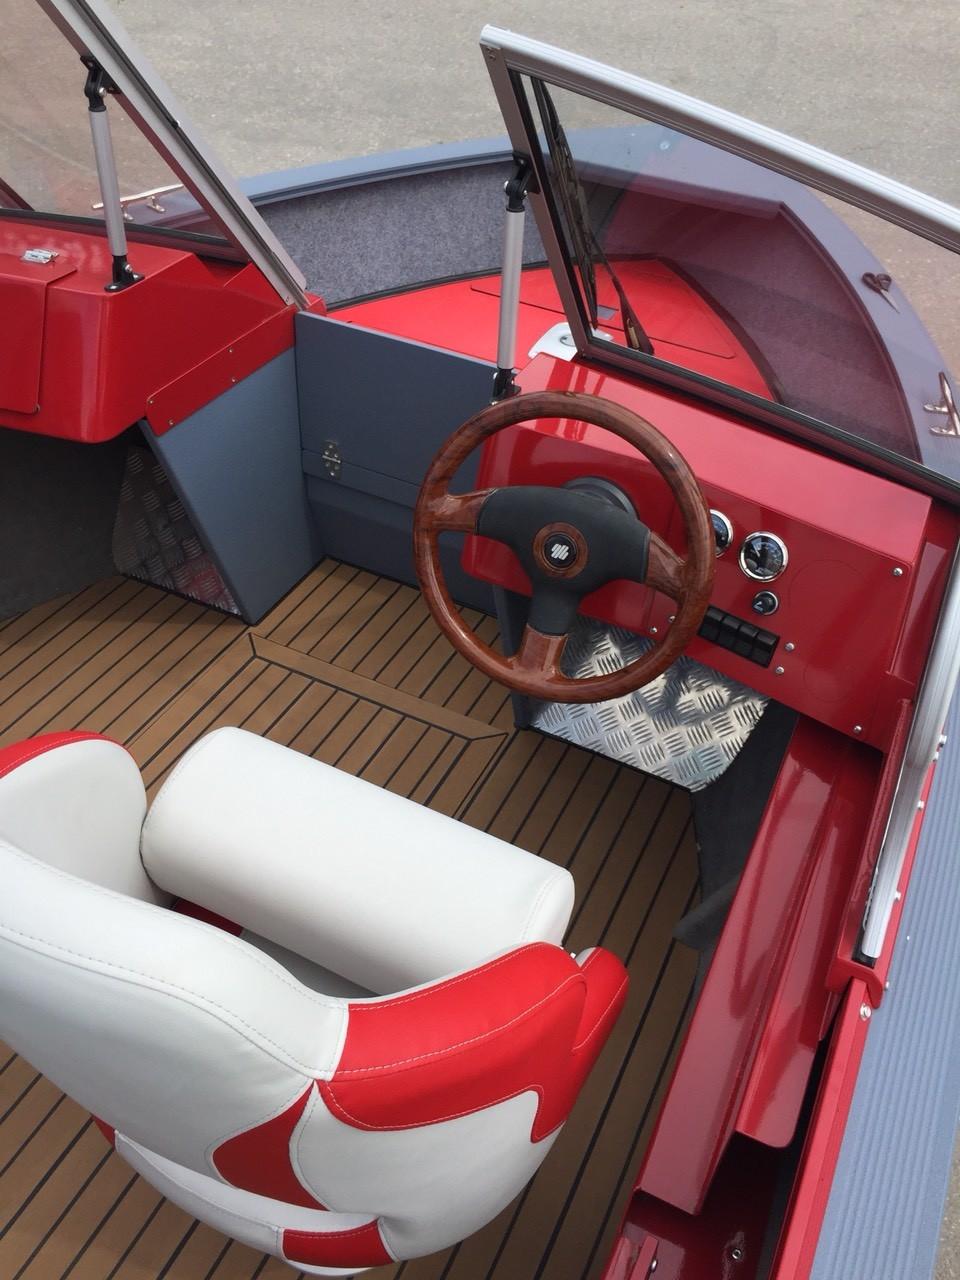 после смотреть фото тюнинг моторной лодки лучше будет съемке